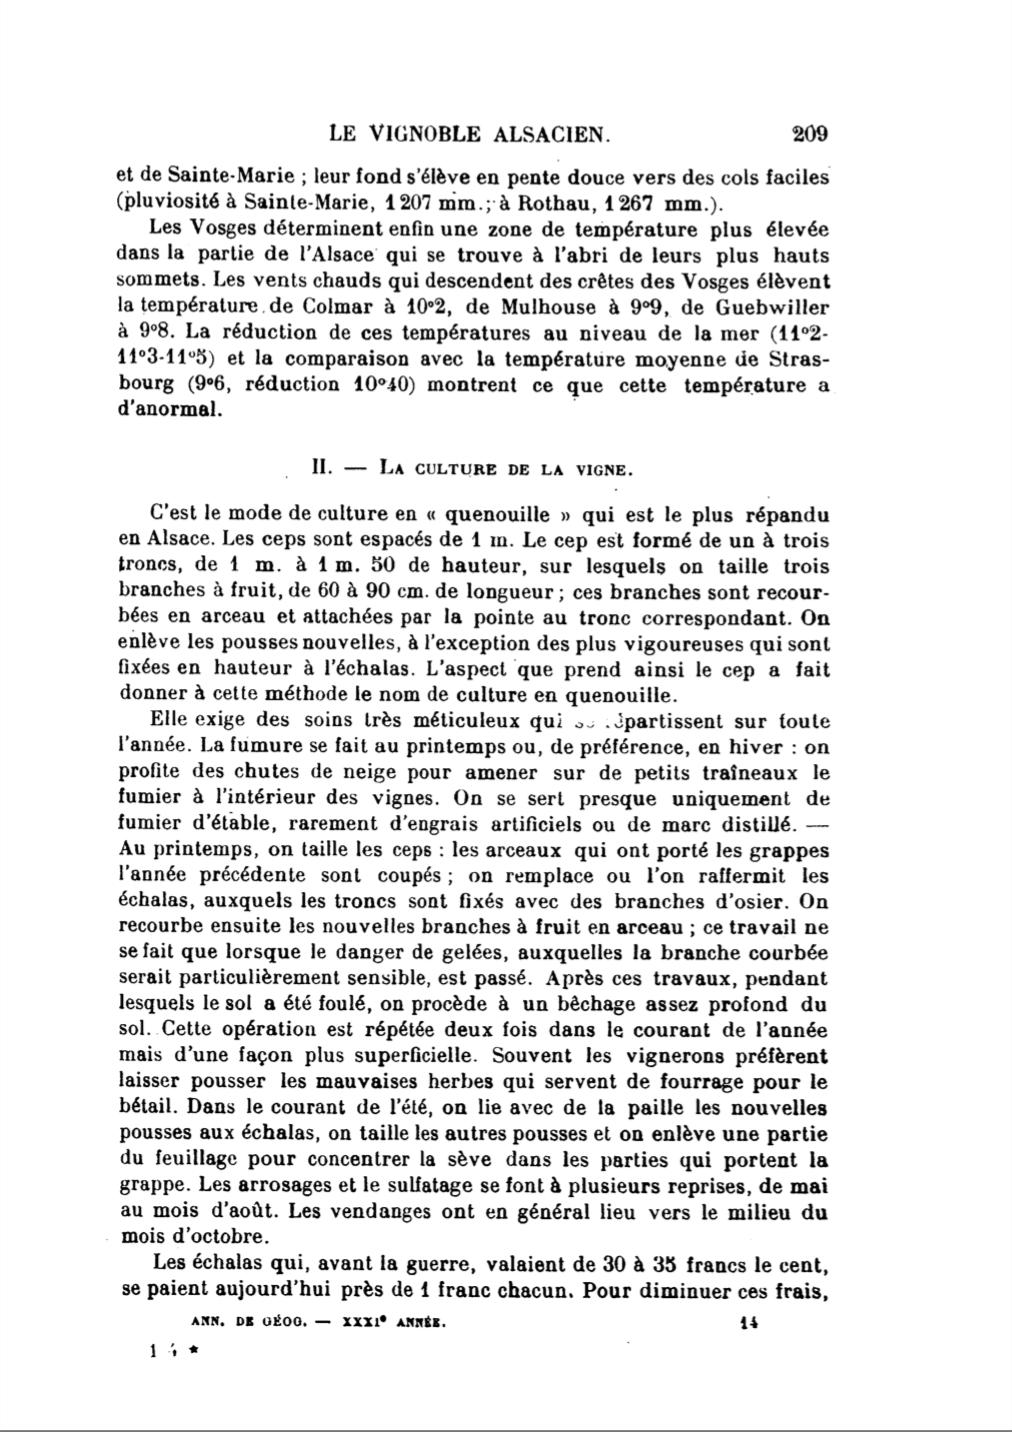 """""""Le vignoble alsacien"""" article de André Lucius publié en 1922 dans les Annales de Géographie t. 31, n°171, 1922. pp. 205-214"""